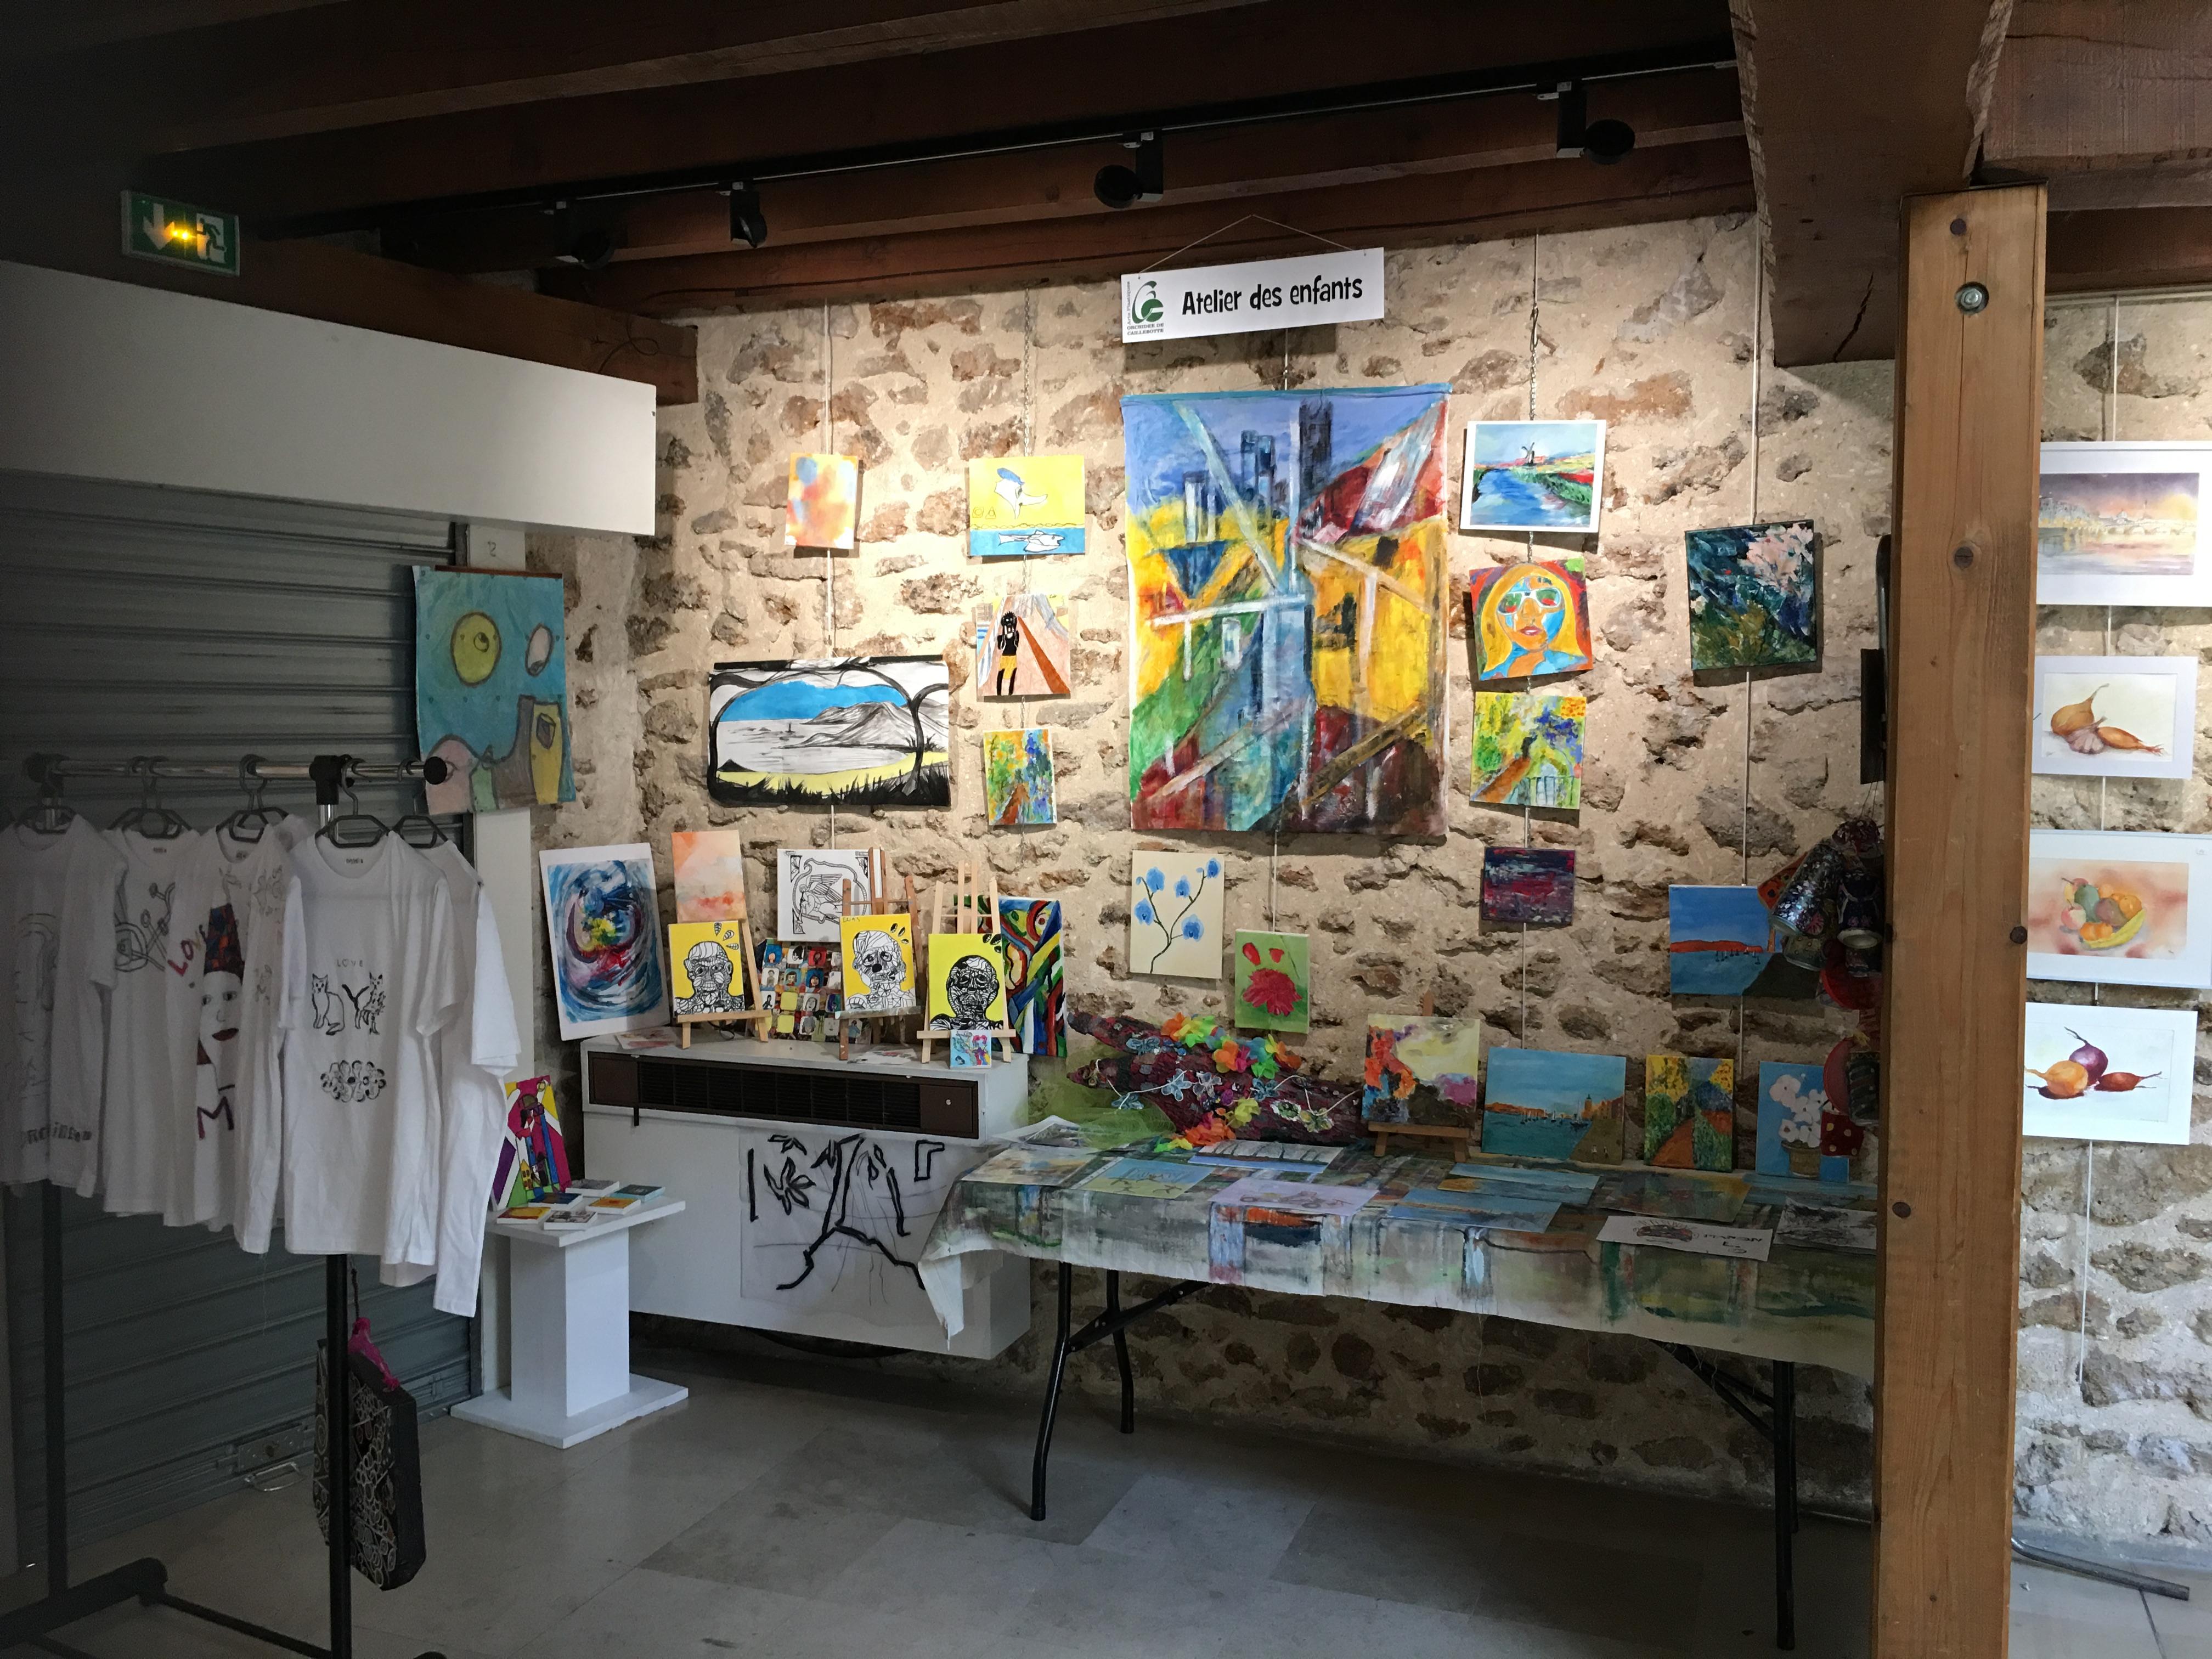 2019 Salon des ateliers 06